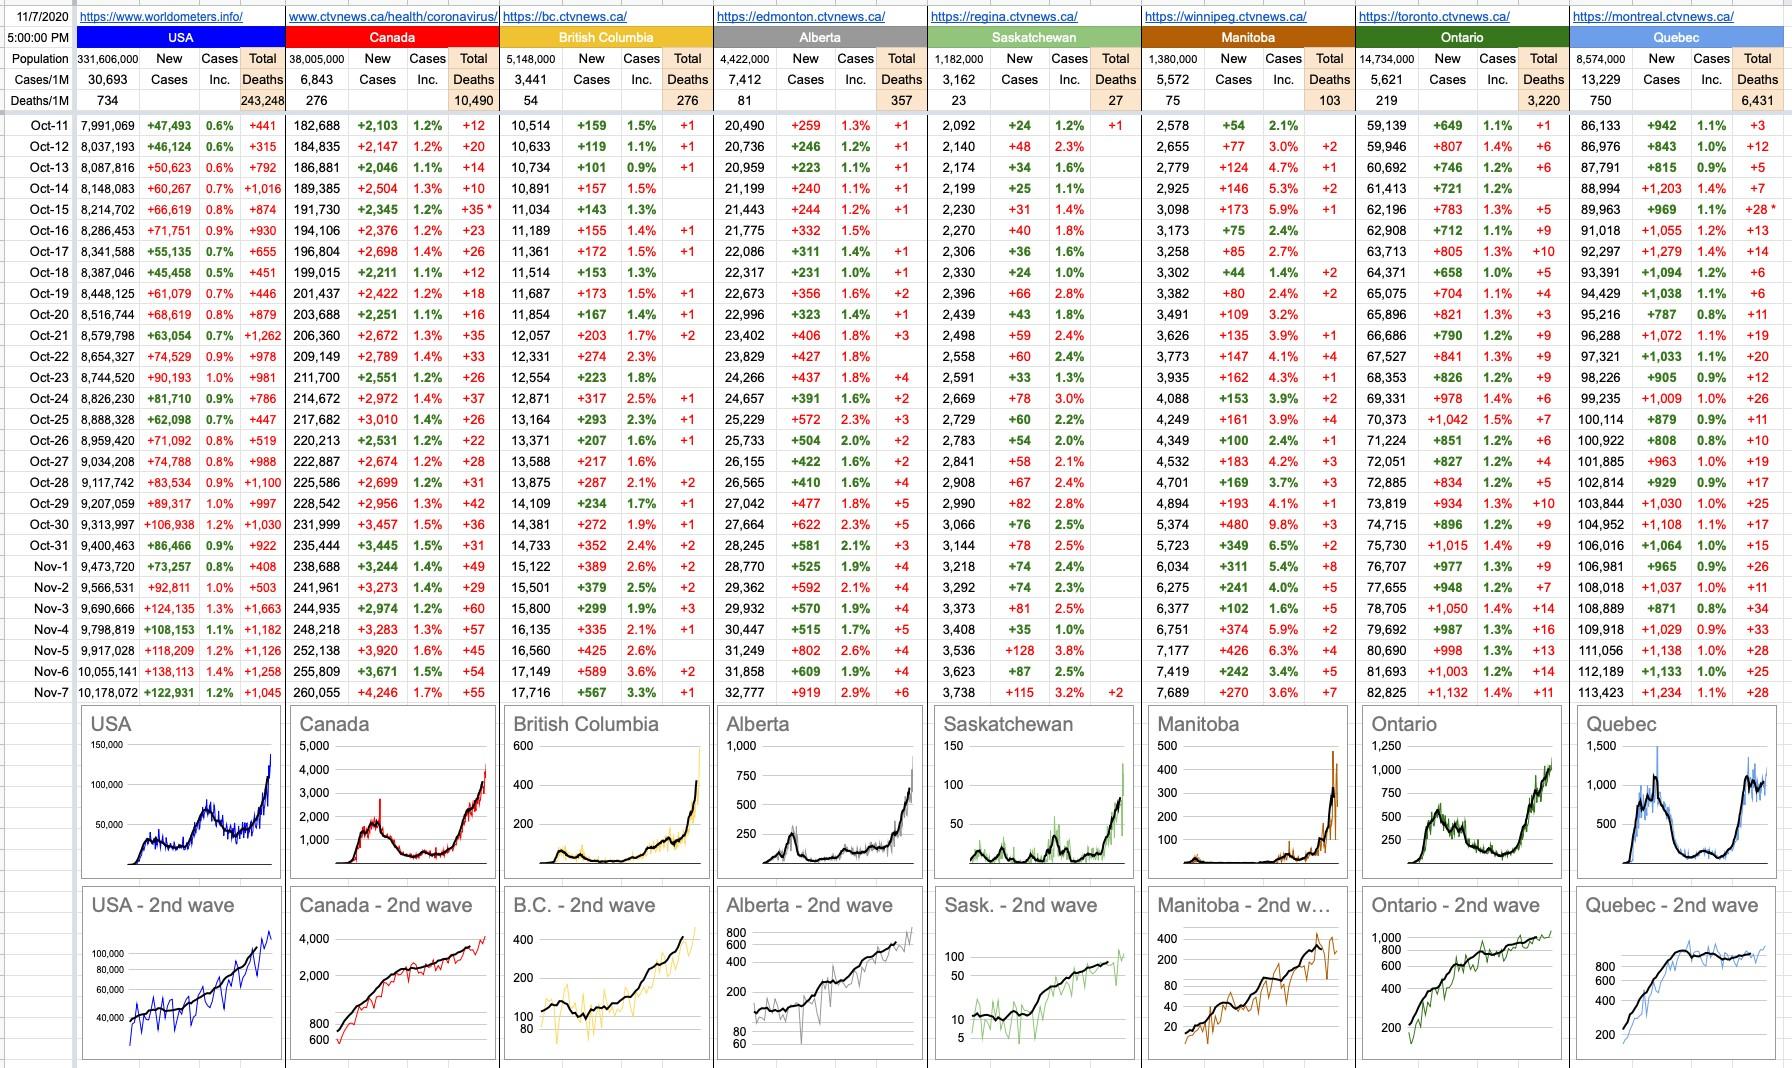 HK COVID-19 Daily Report Graph Nov 7, 2020